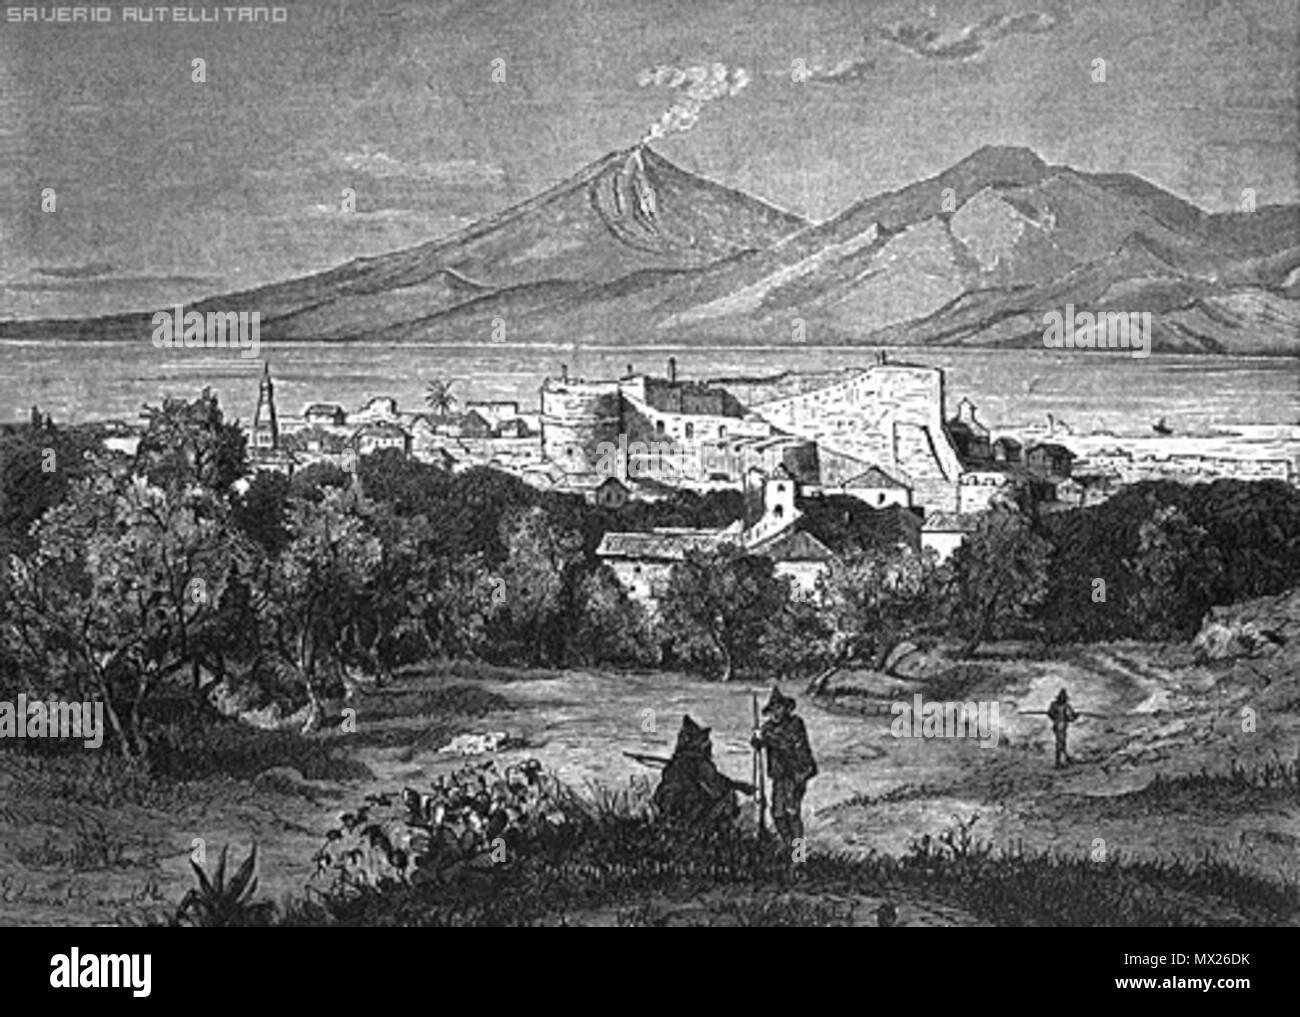 . old incision - Antica incisione raffigurante Reggio Calabria ed il suo castello con il vulcano Etna sullo sfondo. modern era. Unknown 514 Reggio calabria incisione castello etna - Stock Image